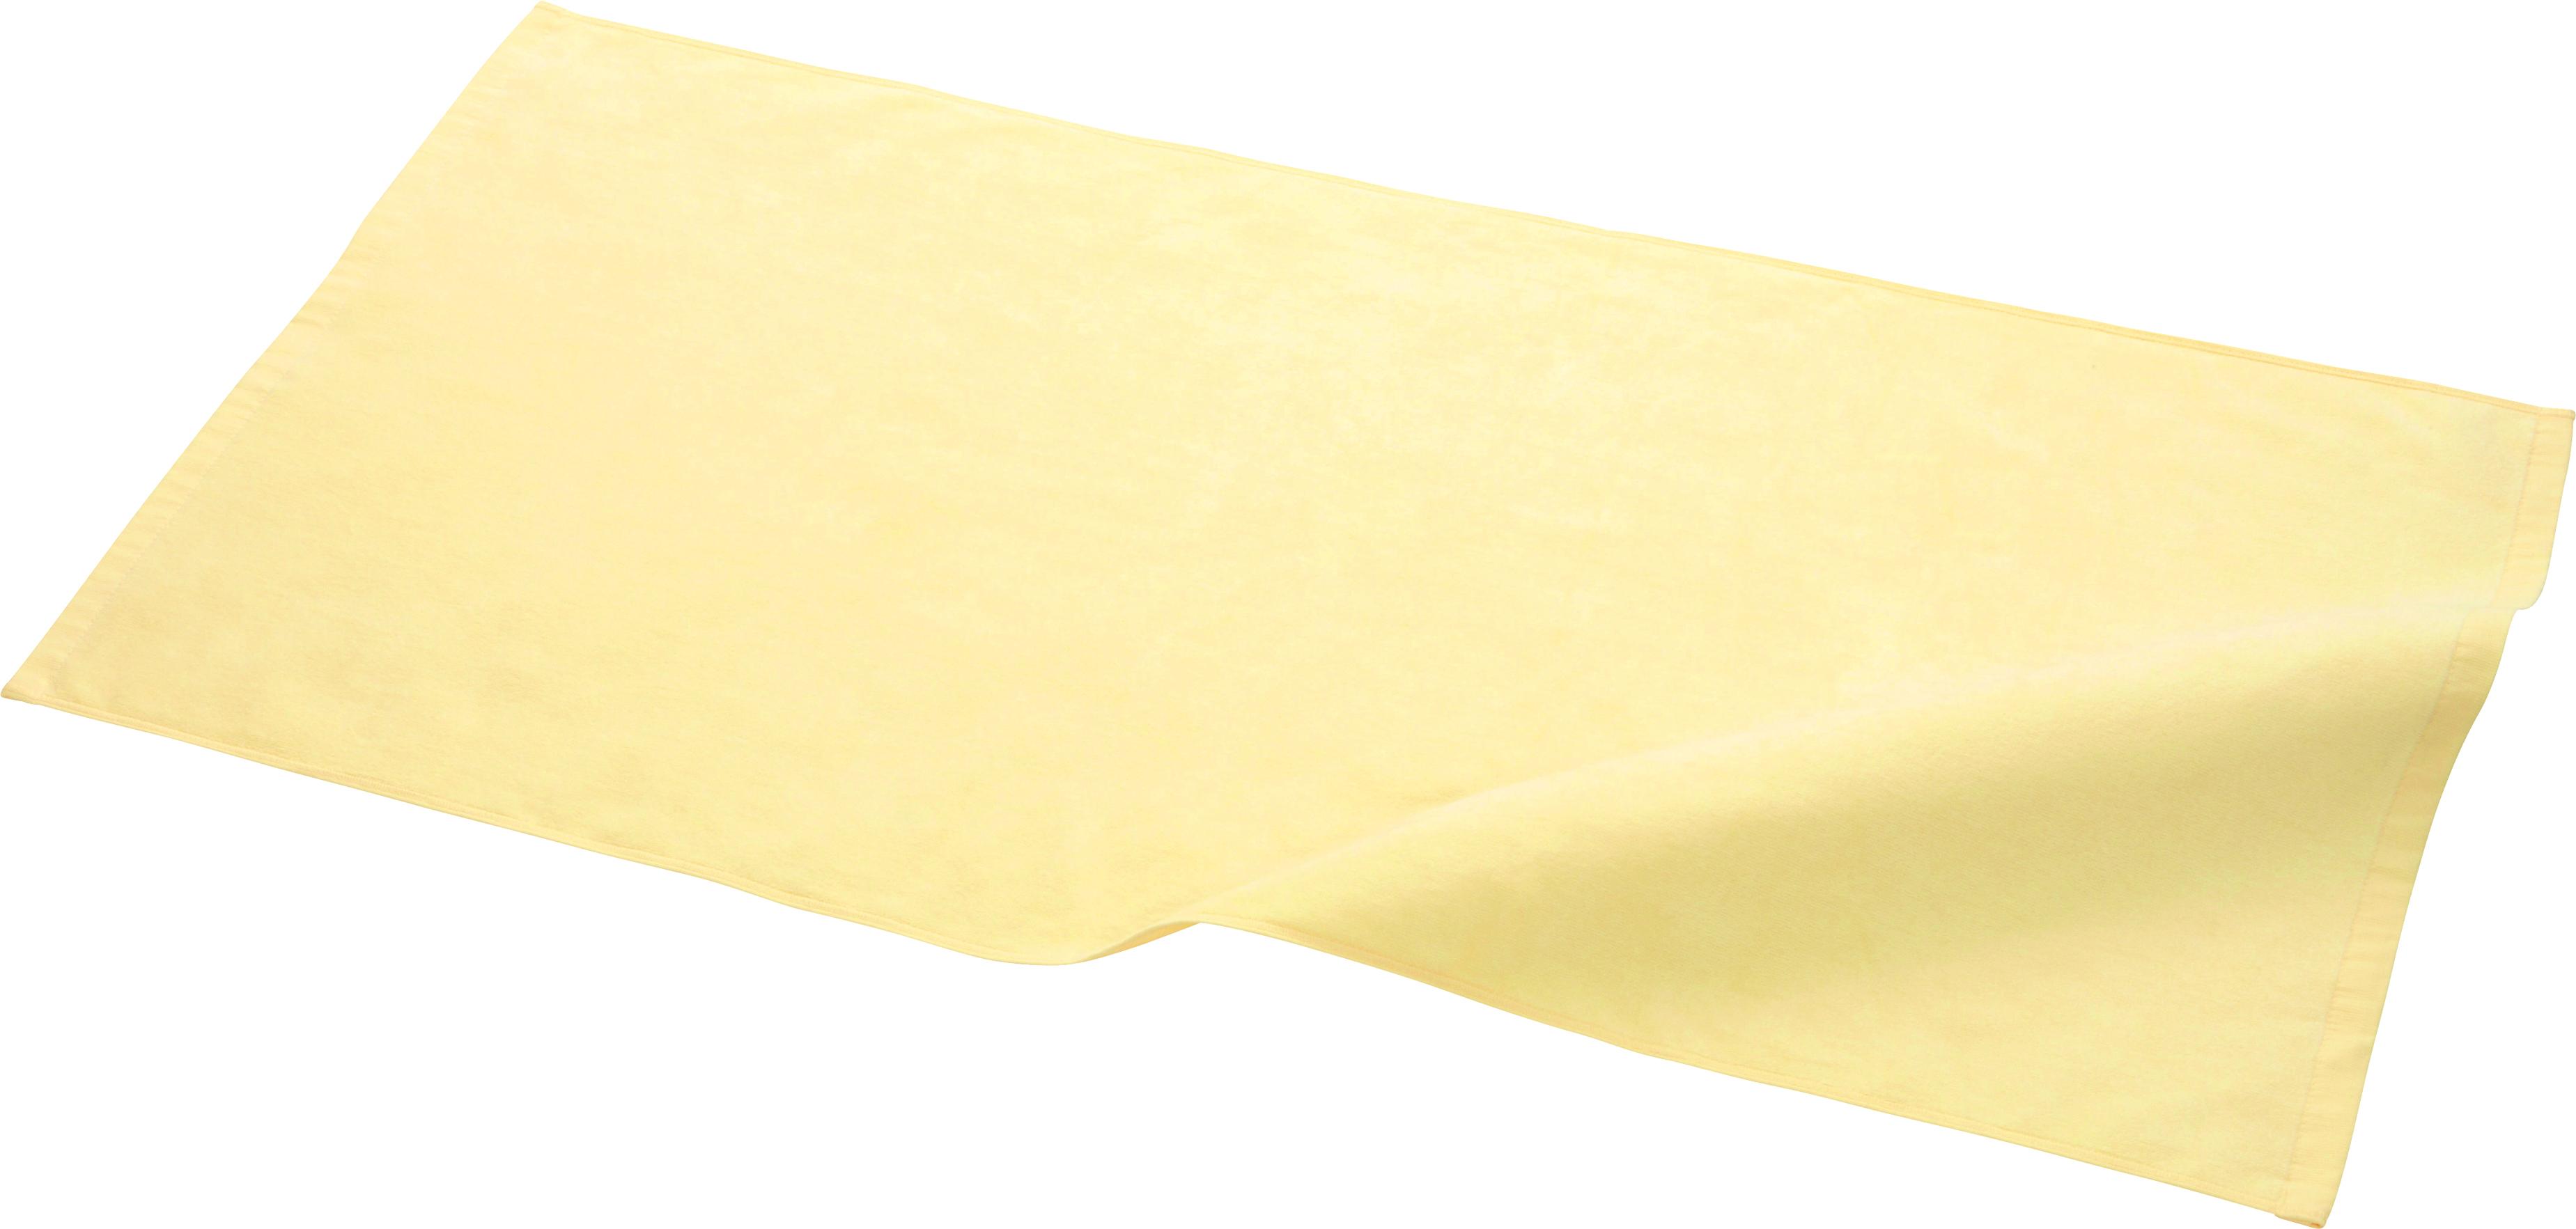 00528-BT 刺繍タオル